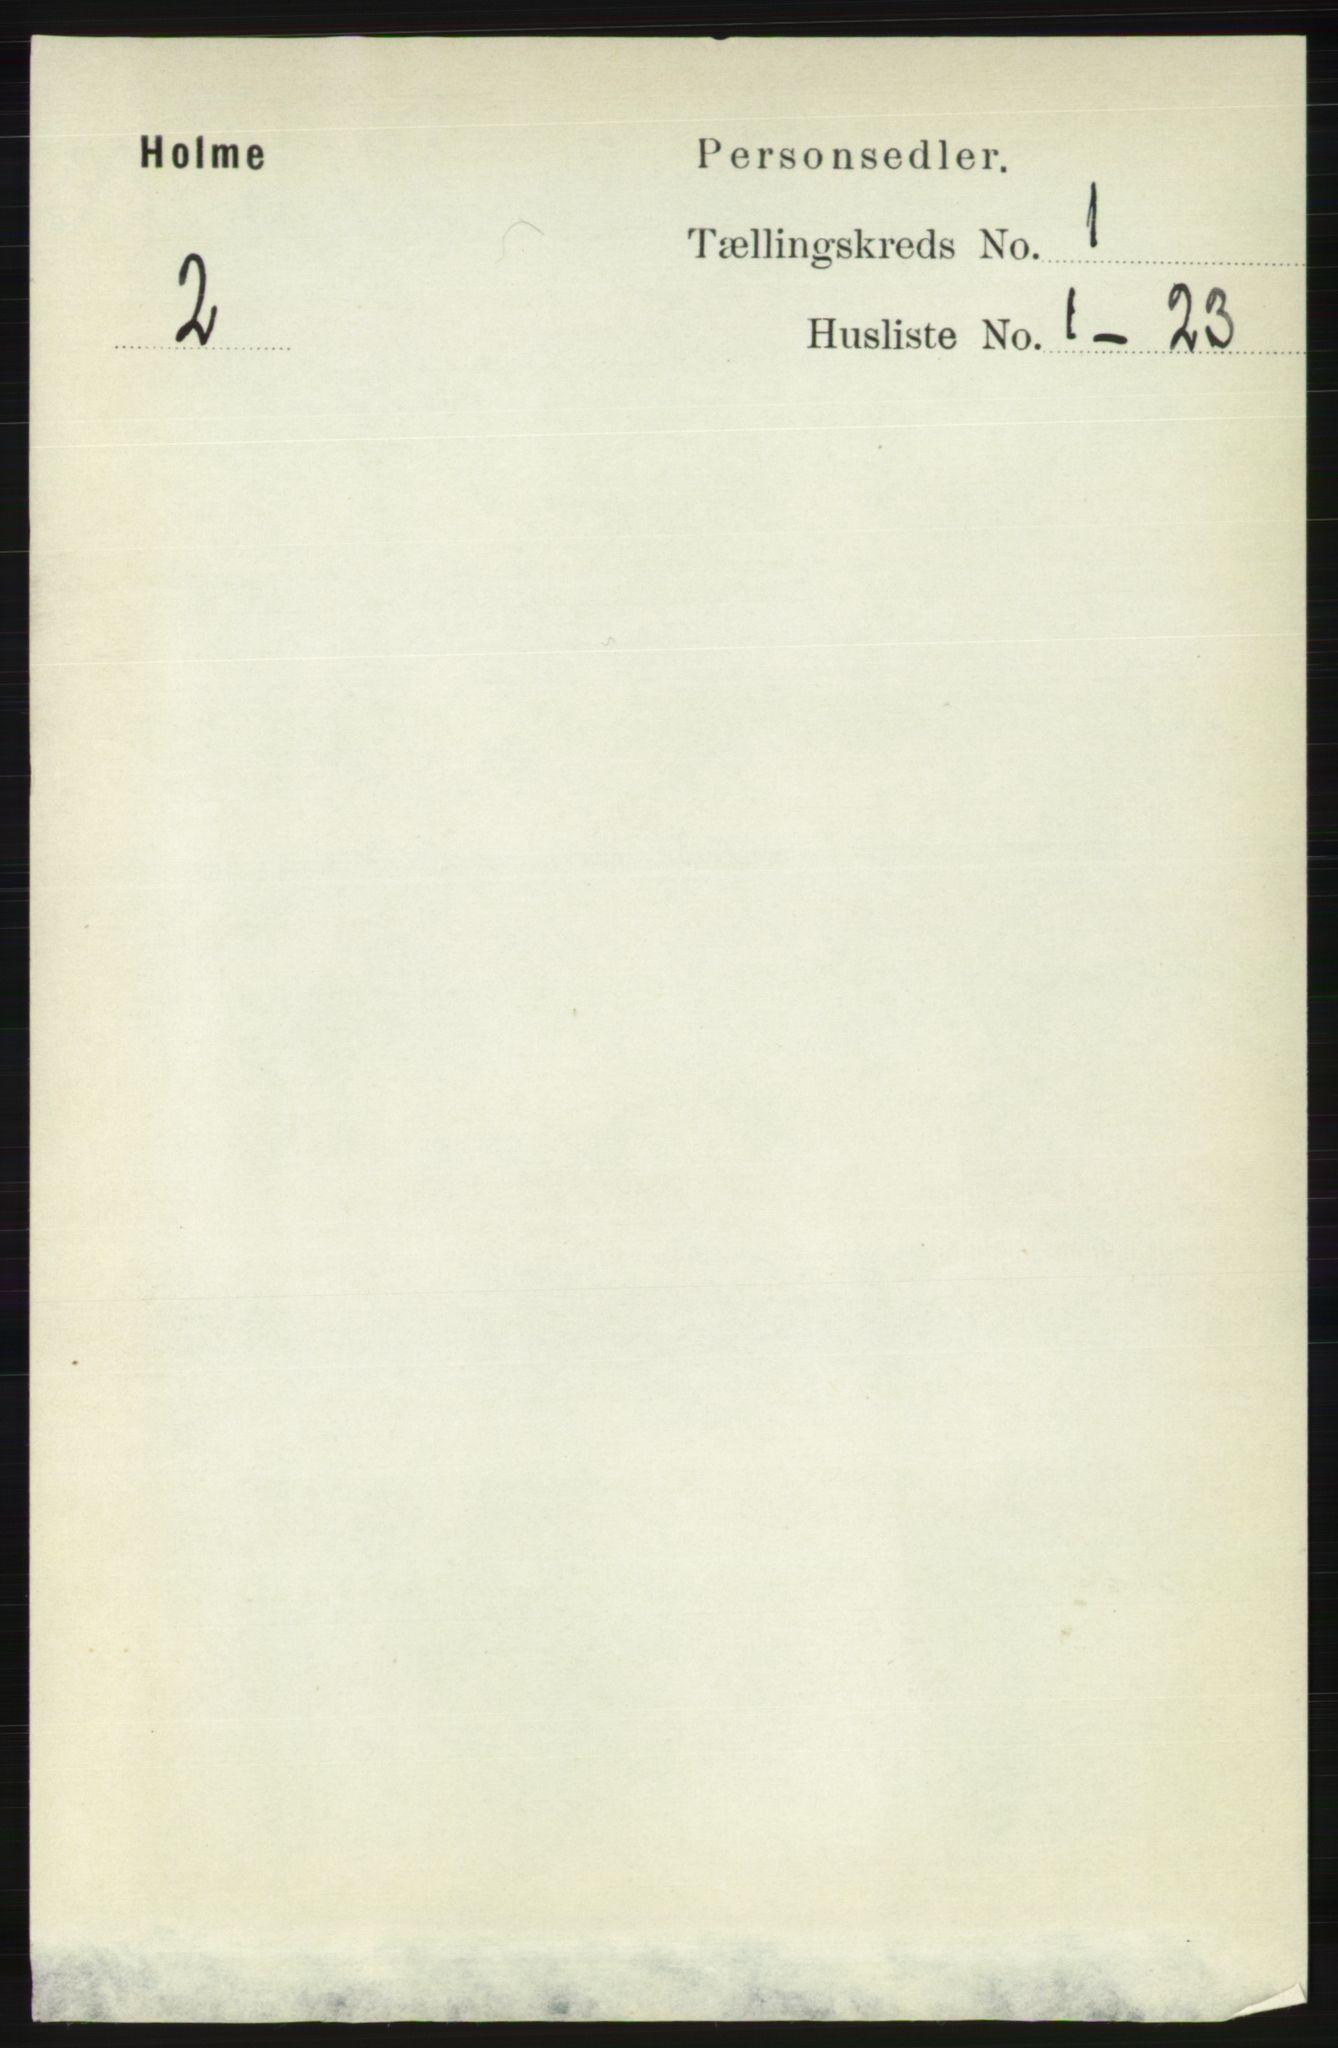 RA, Folketelling 1891 for 1020 Holum herred, 1891, s. 46